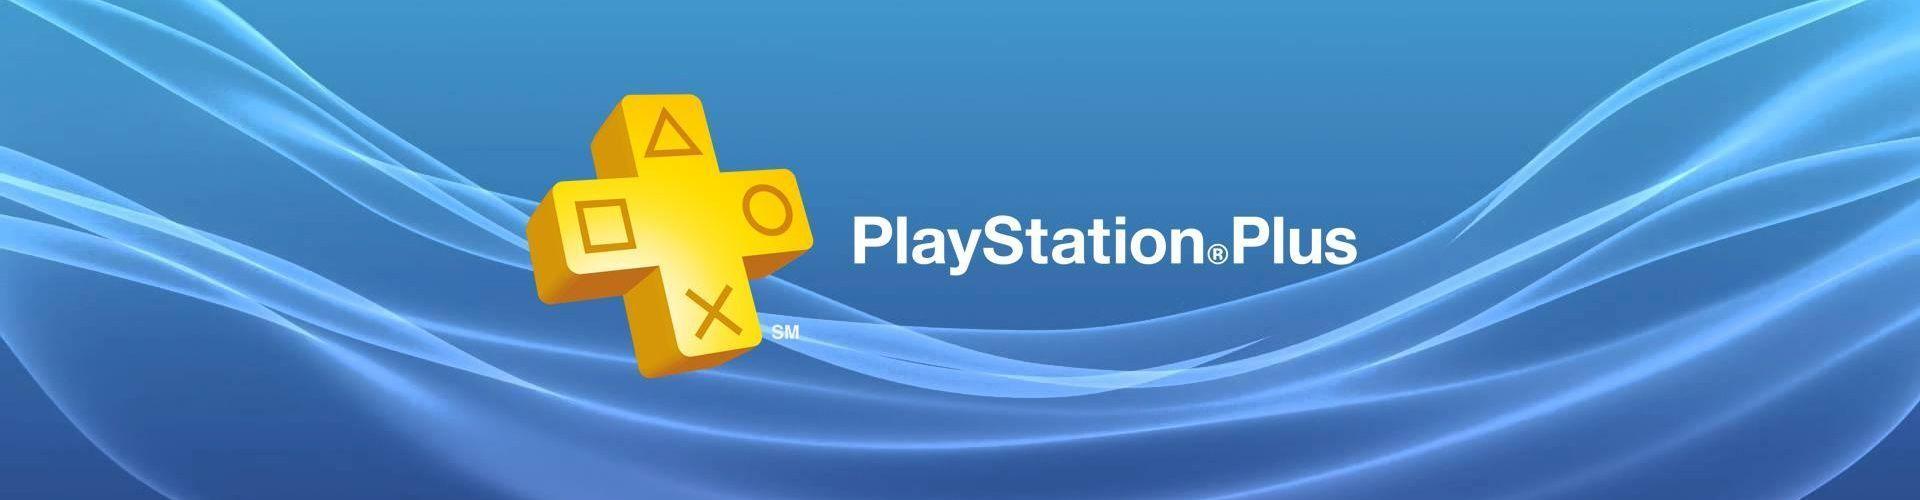 Juegos gratis de PS Plus [2020]